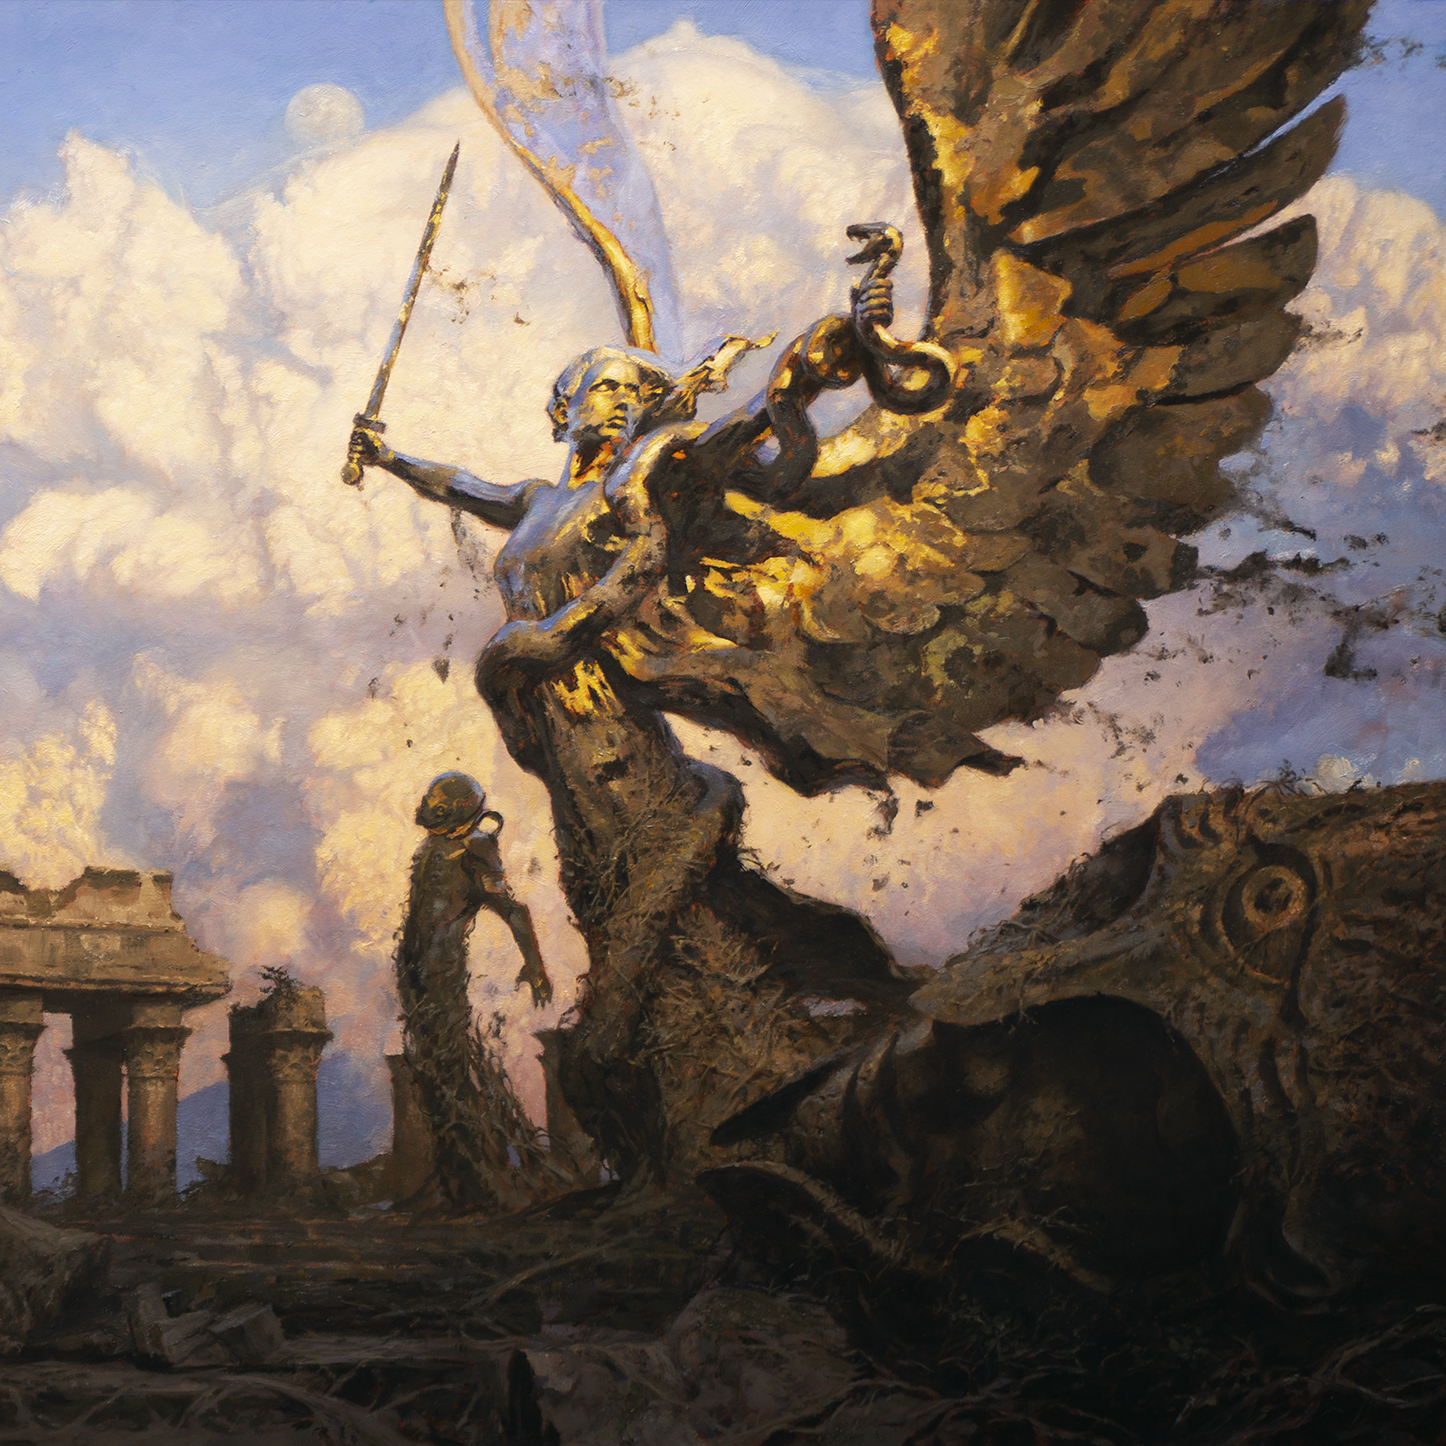 IV by Beastwars image